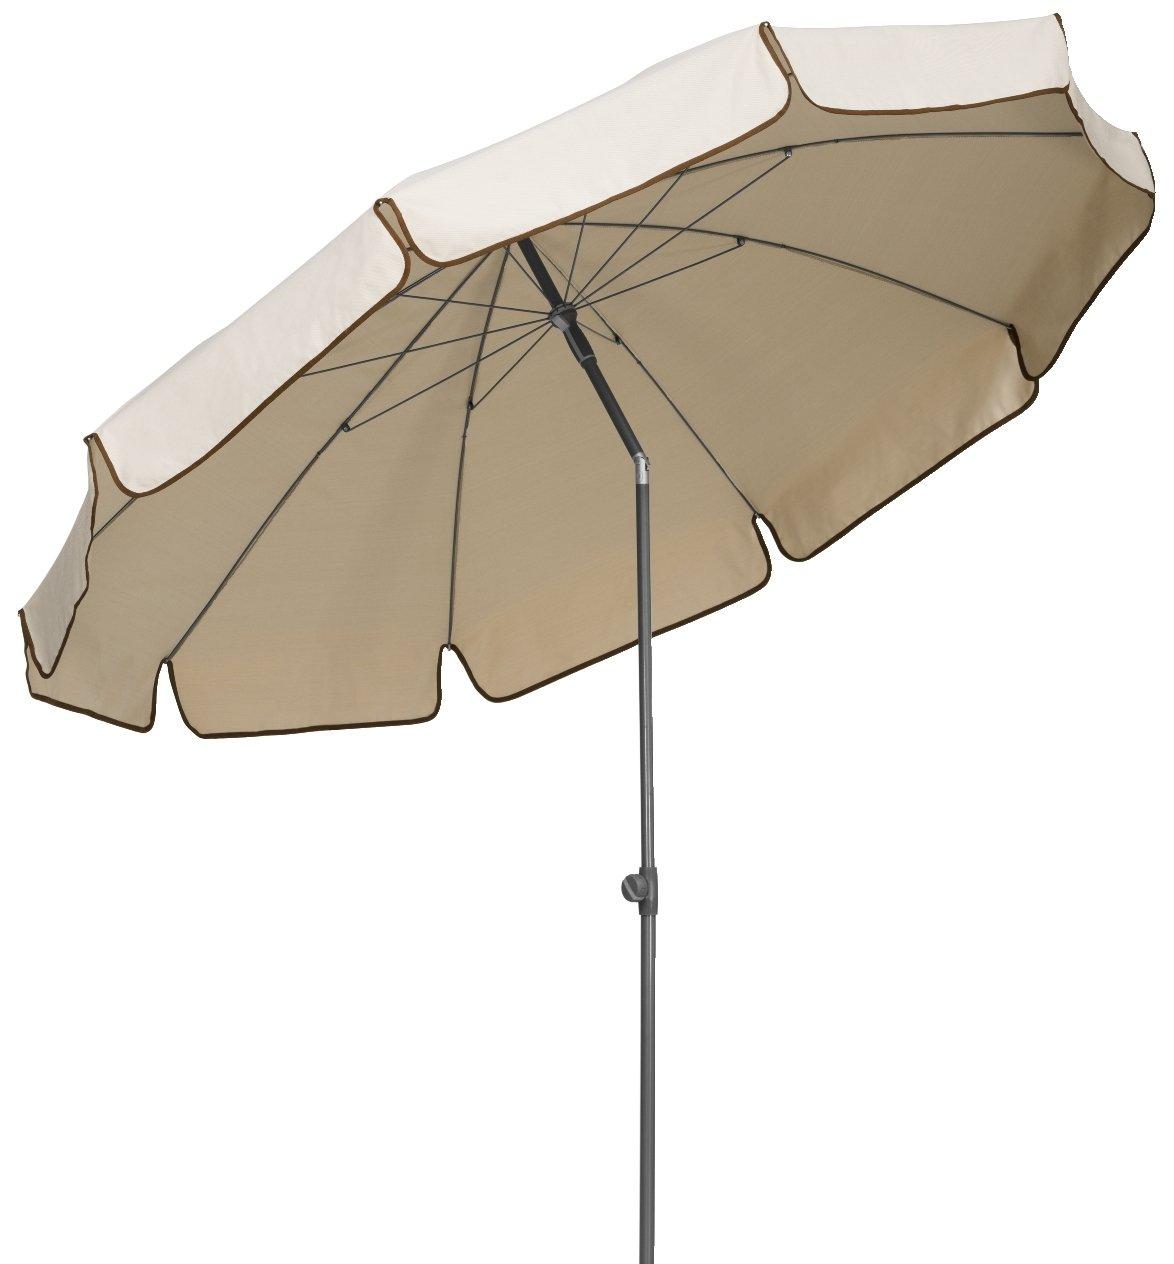 Schneider 182-61 Sonnenschirm Libra 250 cm, rund, sand